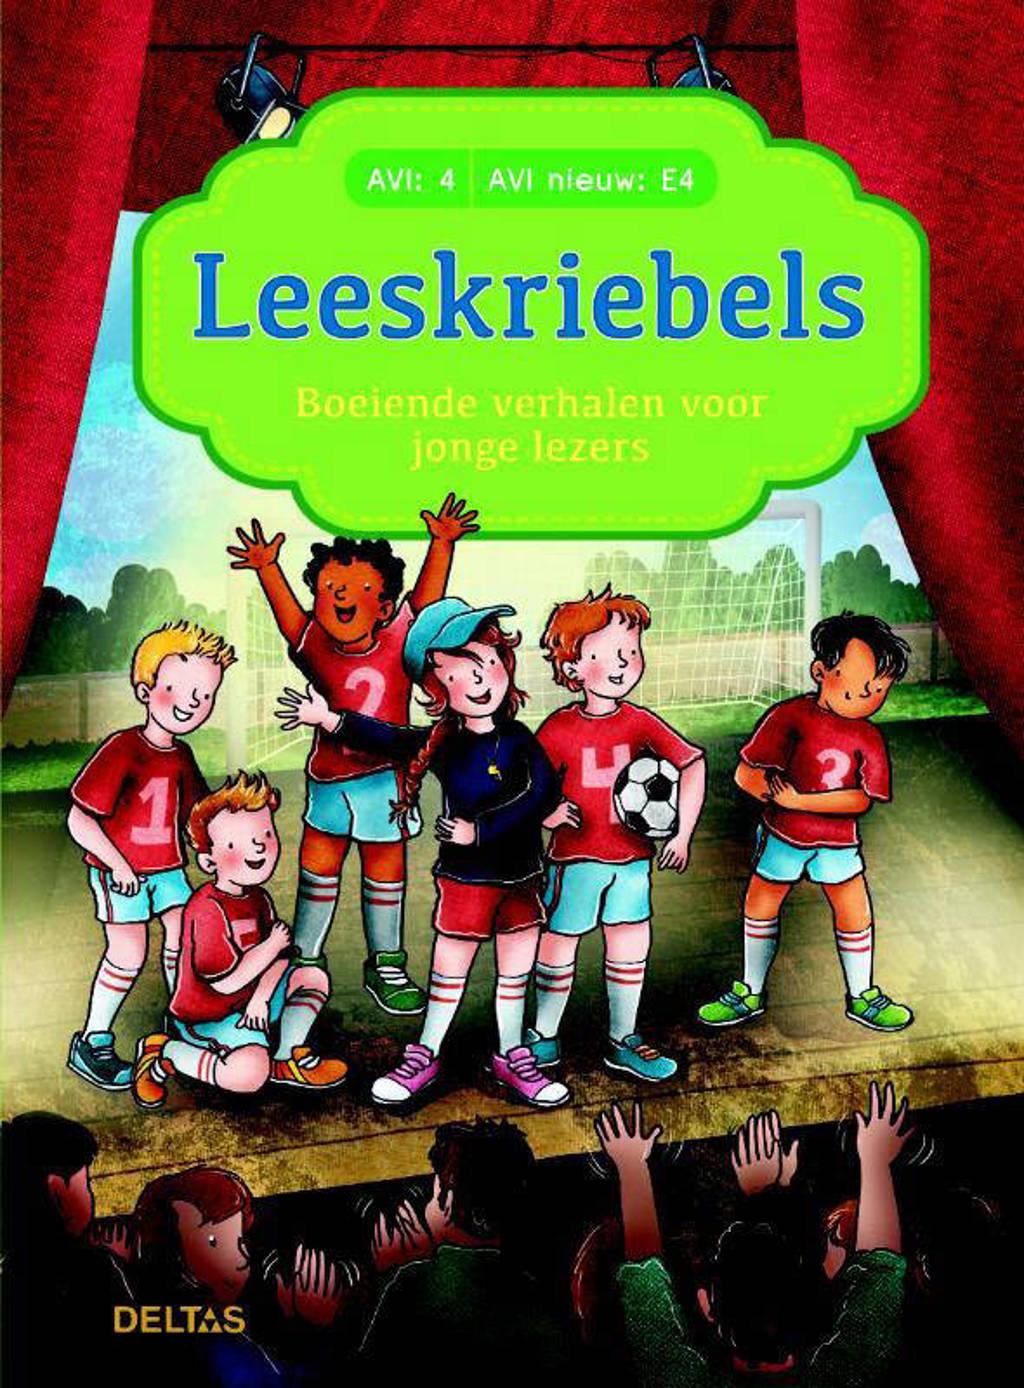 Leeskriebels: Boeiende verhalen voor jonge lezers